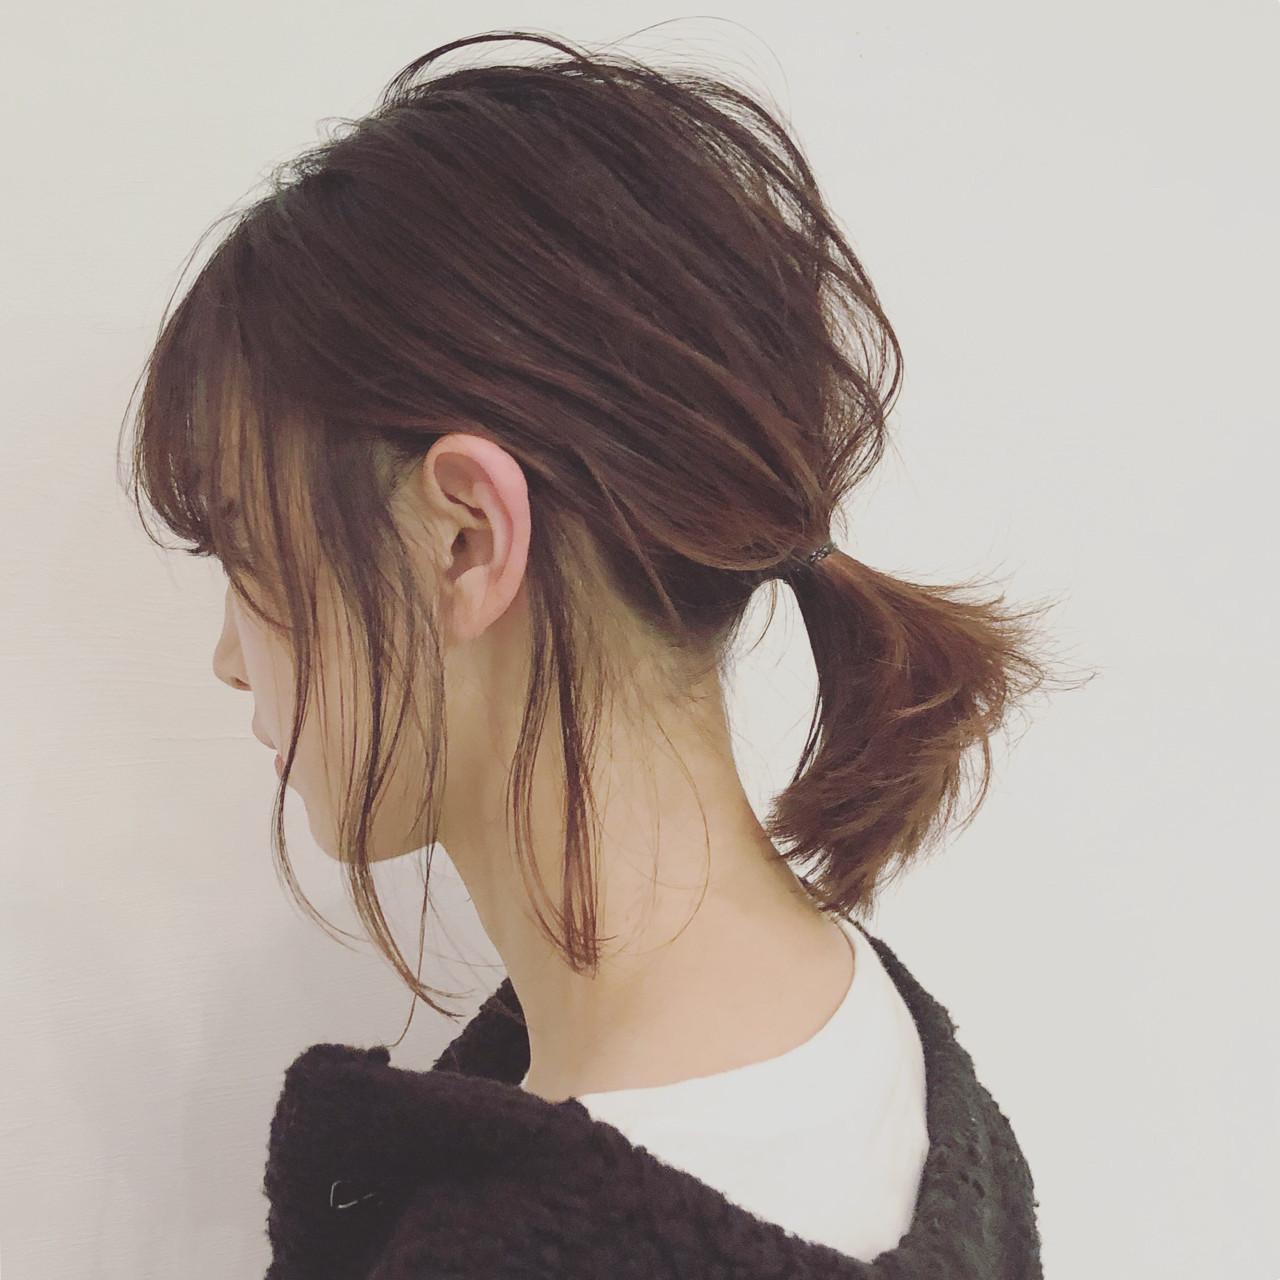 一つ結び簡単可愛いヘアアレンジ特集♡ストレートも5分でこなれヘアの7枚目の画像